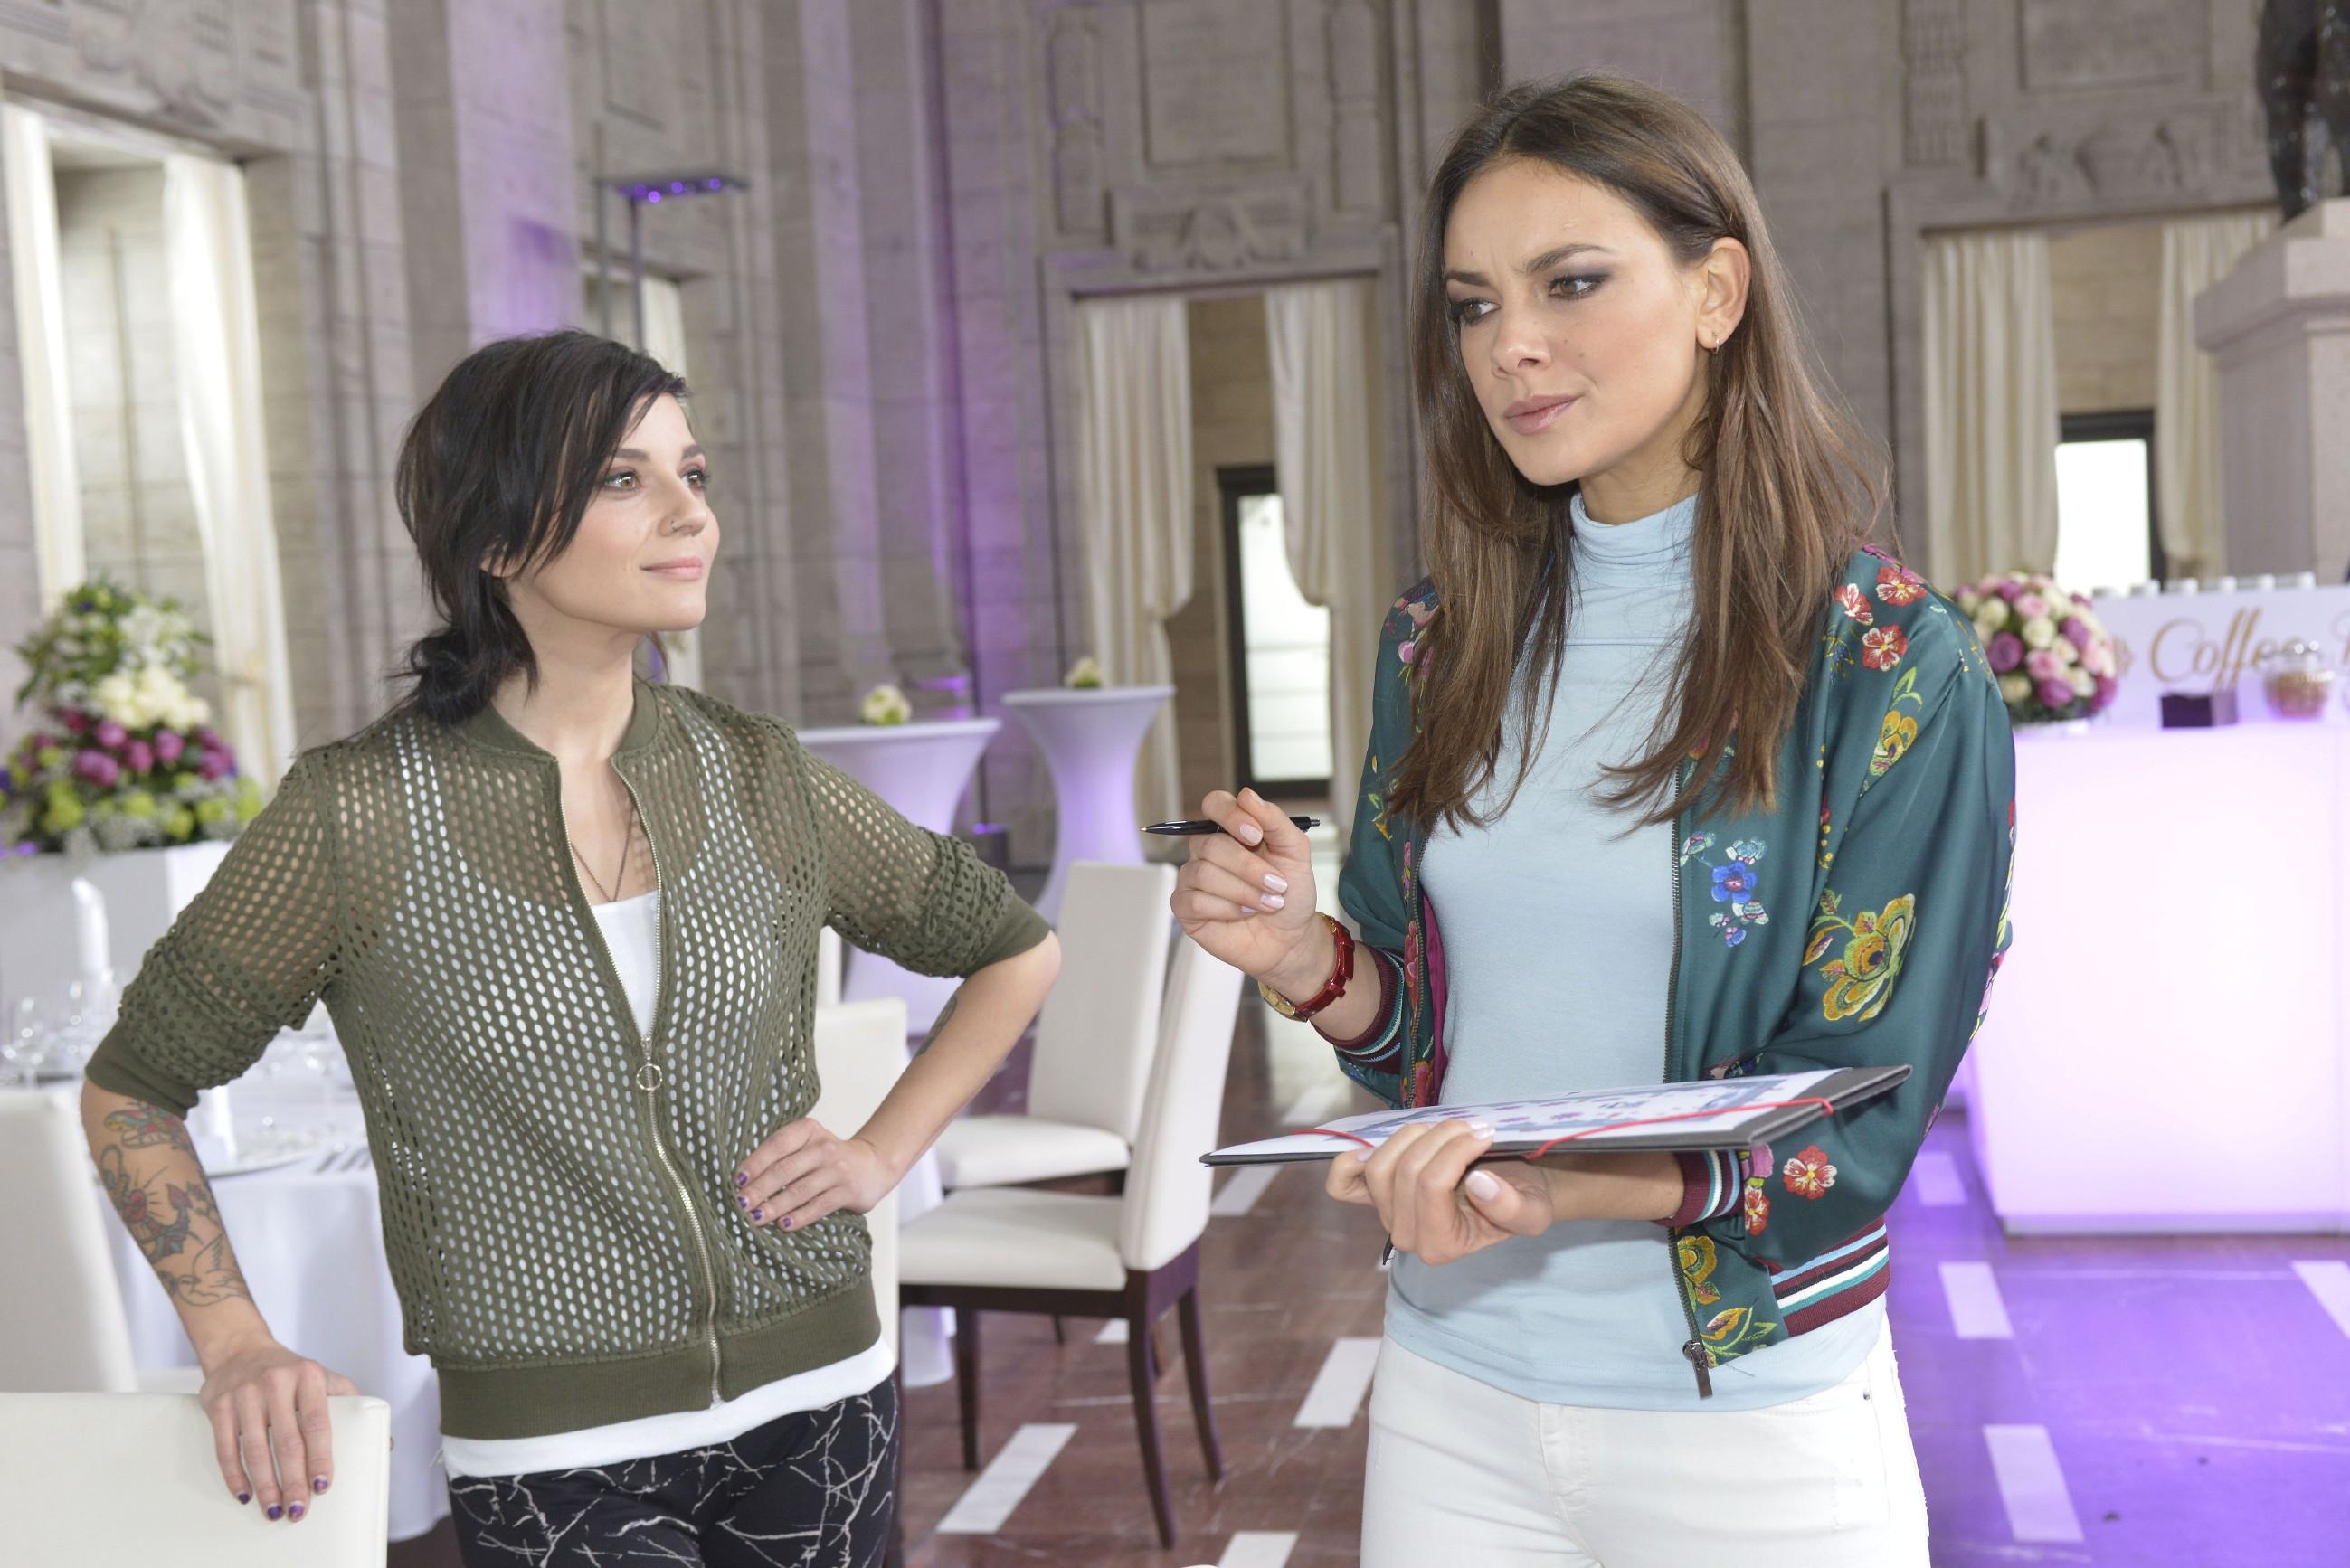 Anni (Linda Marlen Runge, l.) verschweigt Jasmin (Janina Uhse) den wahren Grund, warum Chris Felix entführt hat.